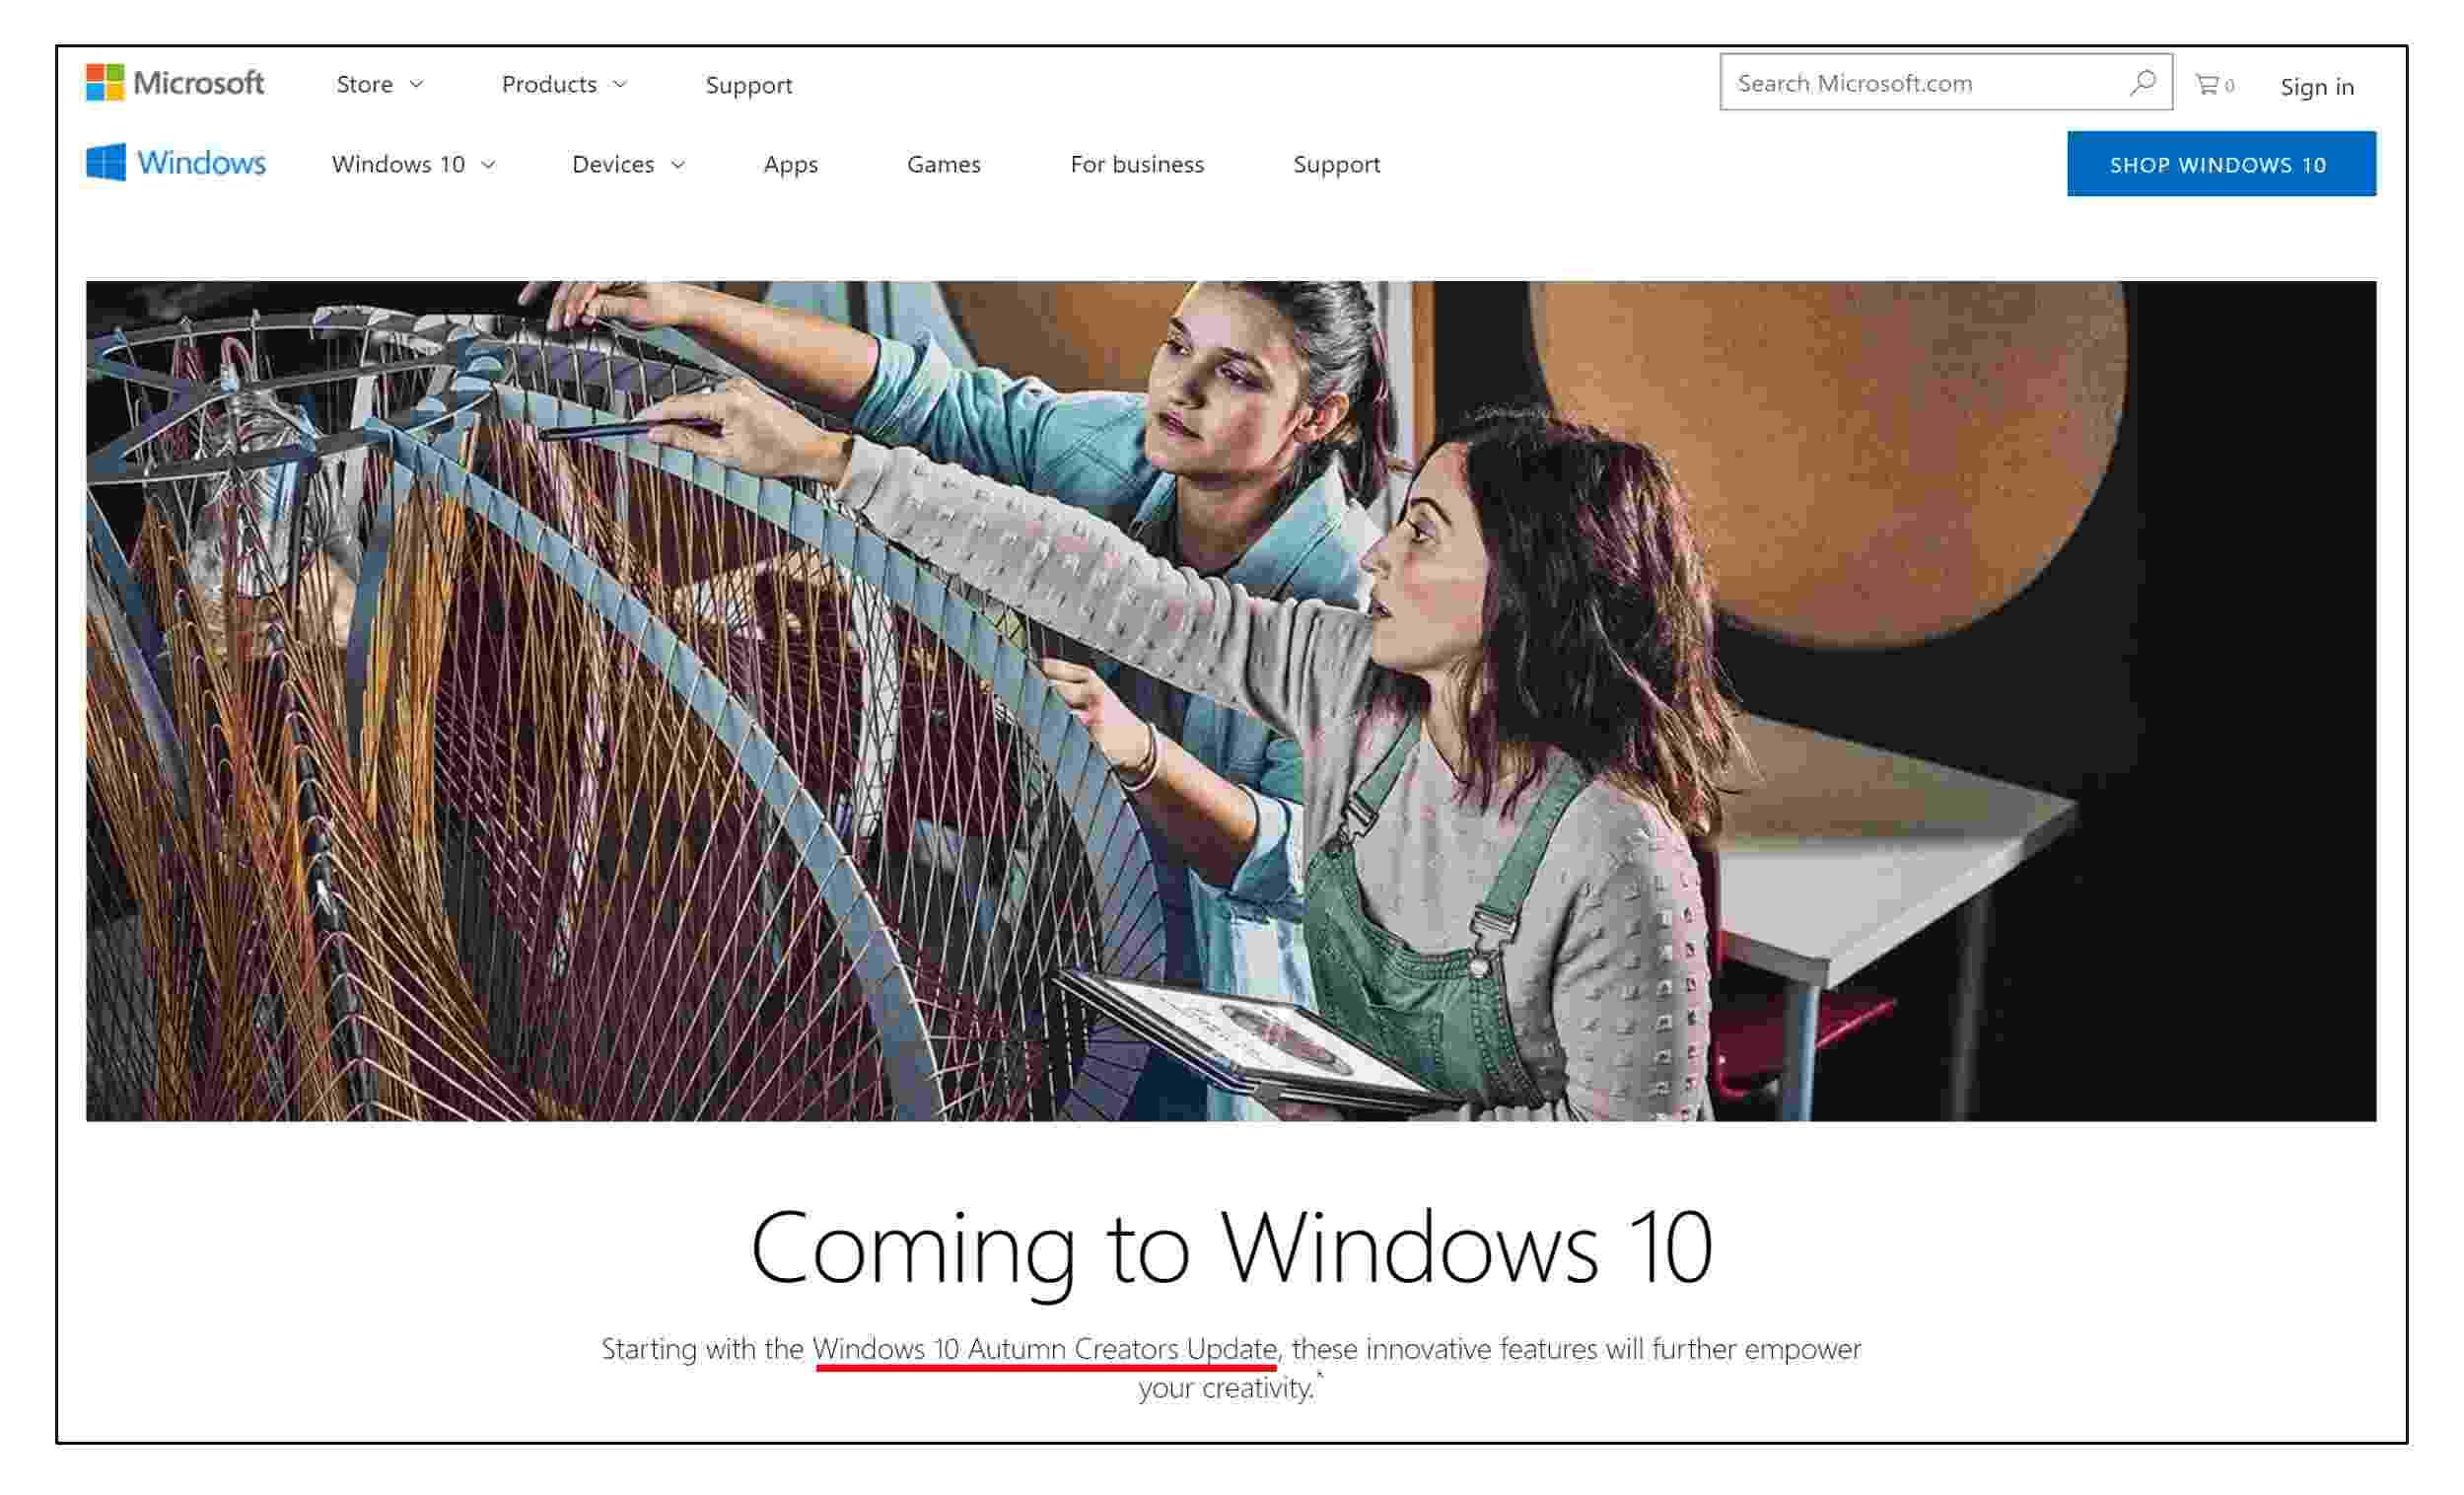 Böse Überraschung: Microsoft stellt Windows 10-Support für ältere Prozessoren ein